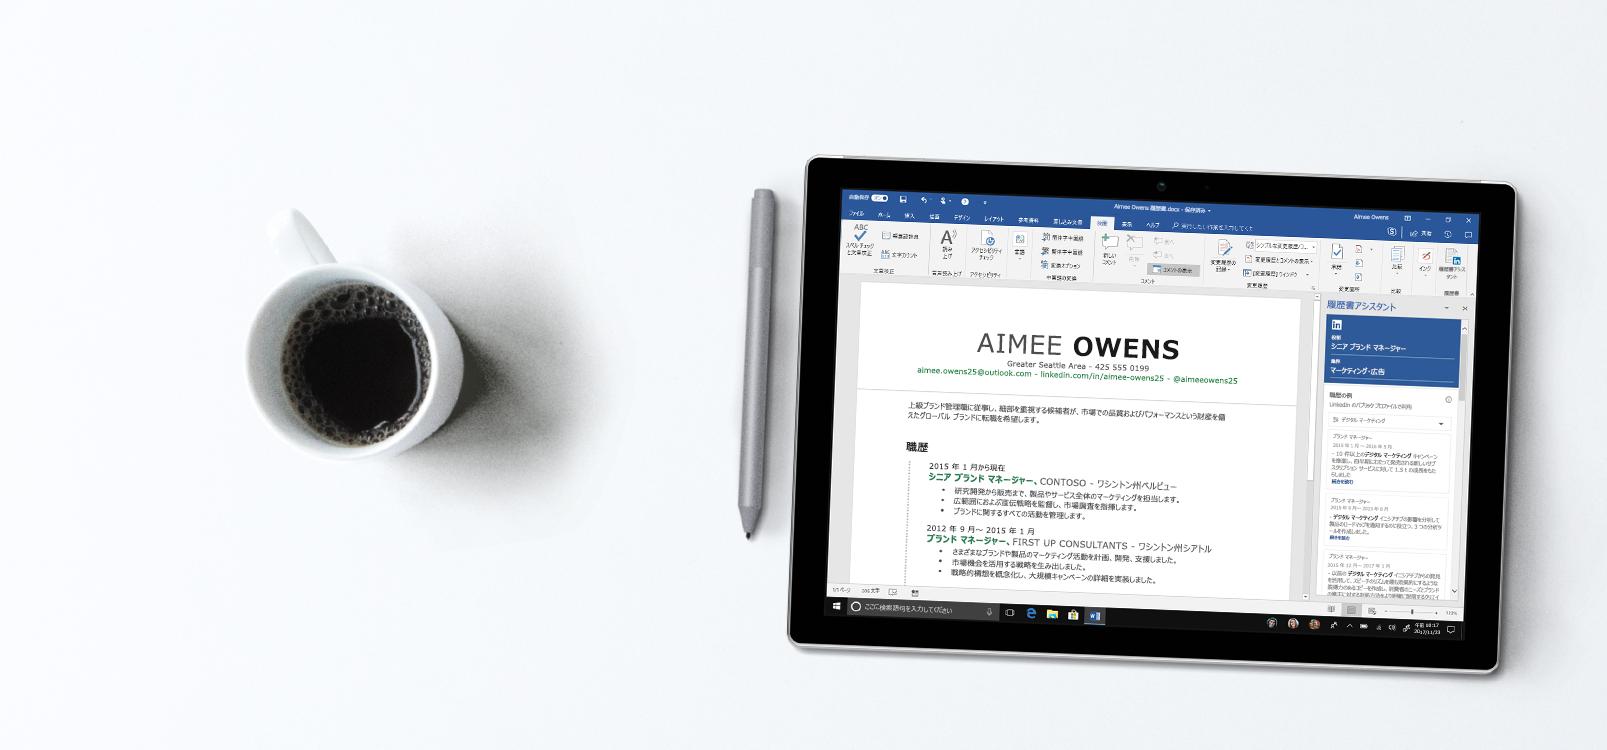 タブレットの画面に Word の画面が表示され、右側に履歴書アシスタント バーと履歴書の例があります